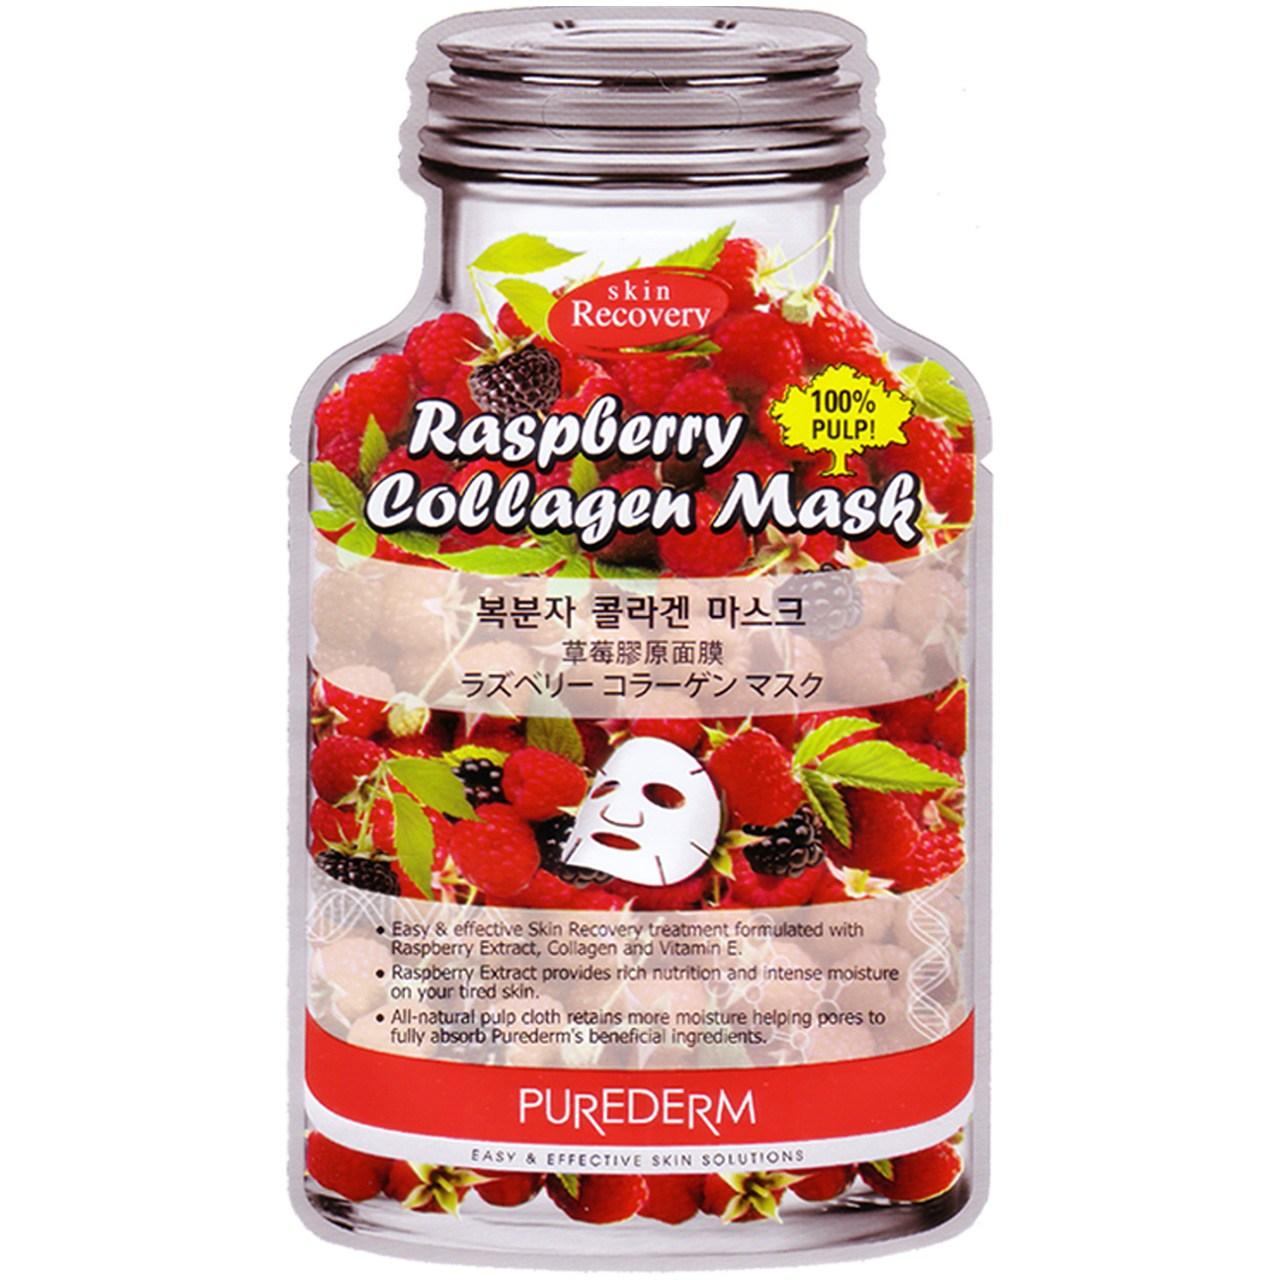 ماسک نقابی پیوردرم مدل Raspberry - یک ورق